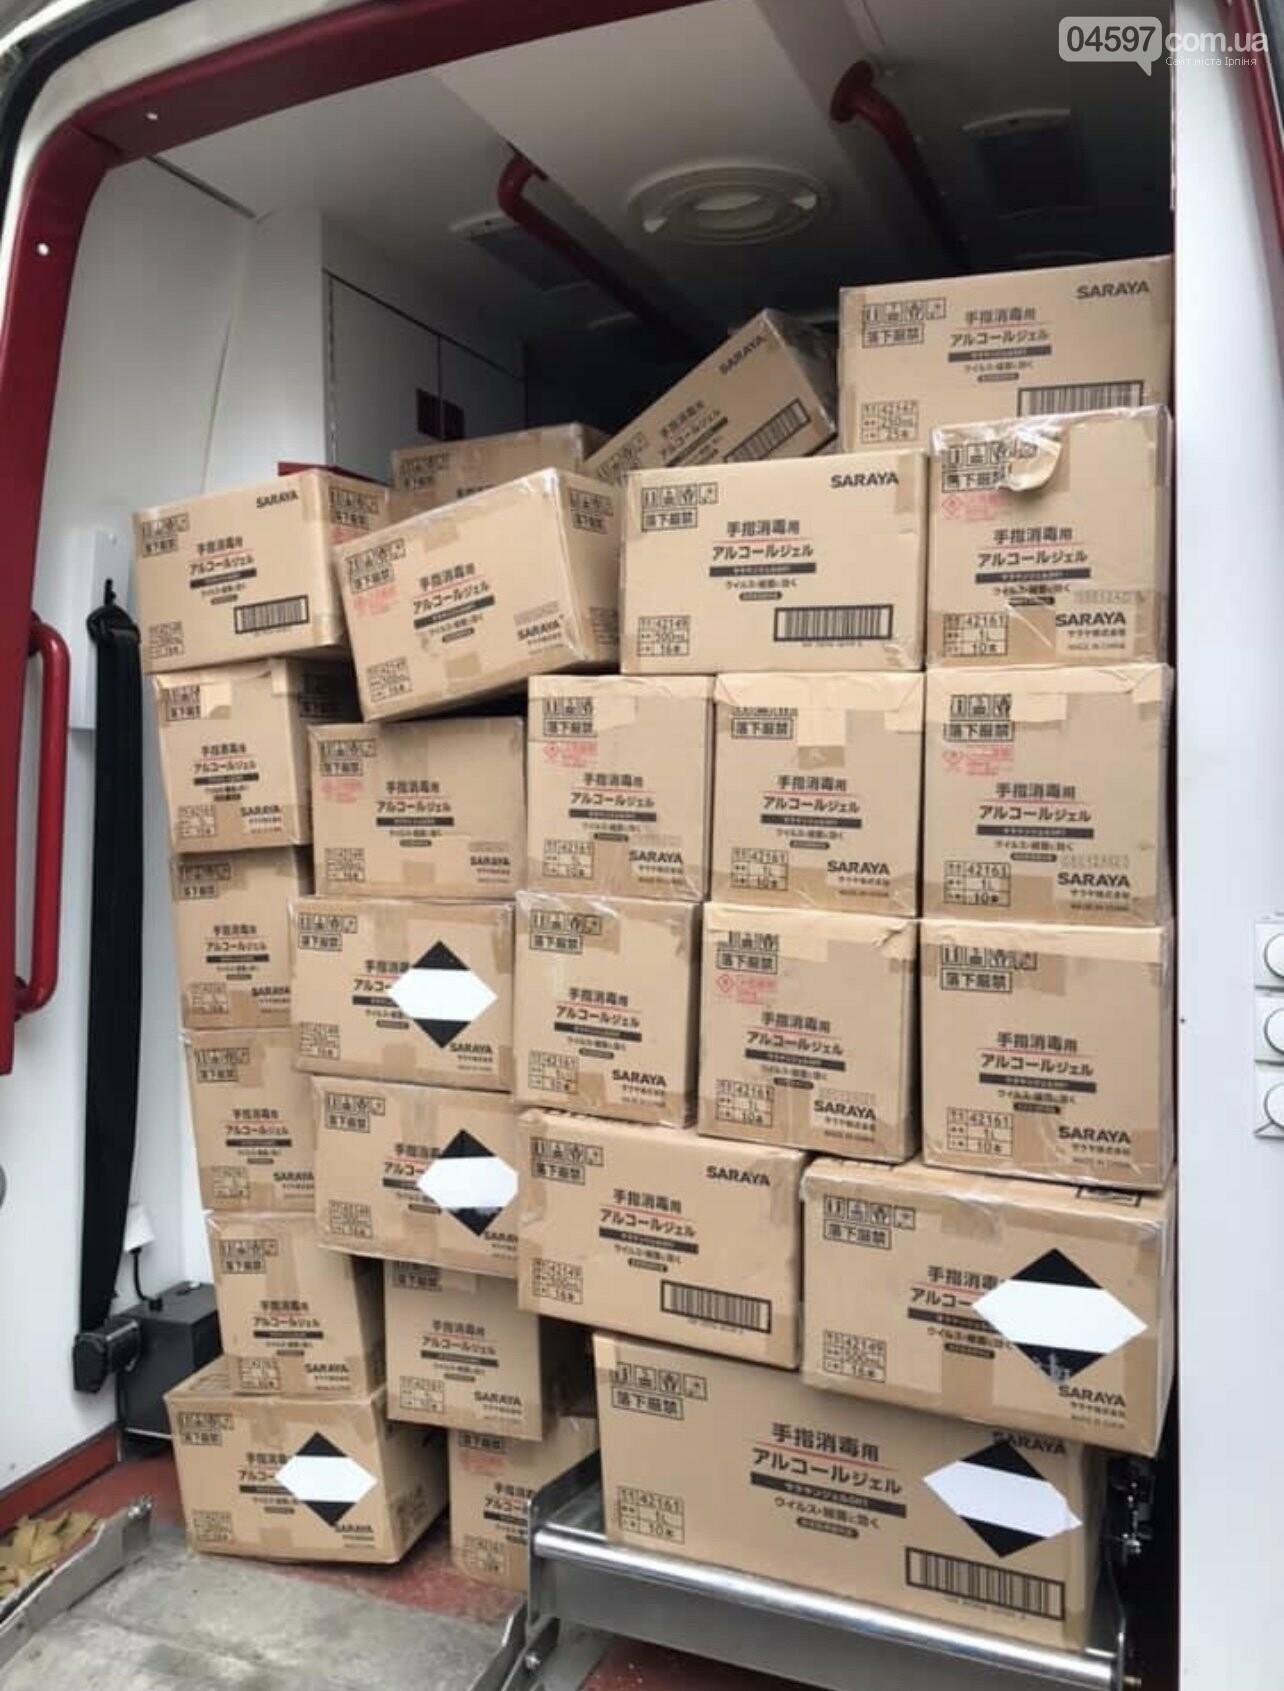 700 кг антисептика отримали медики Ірпеня від благодійників, фото-1